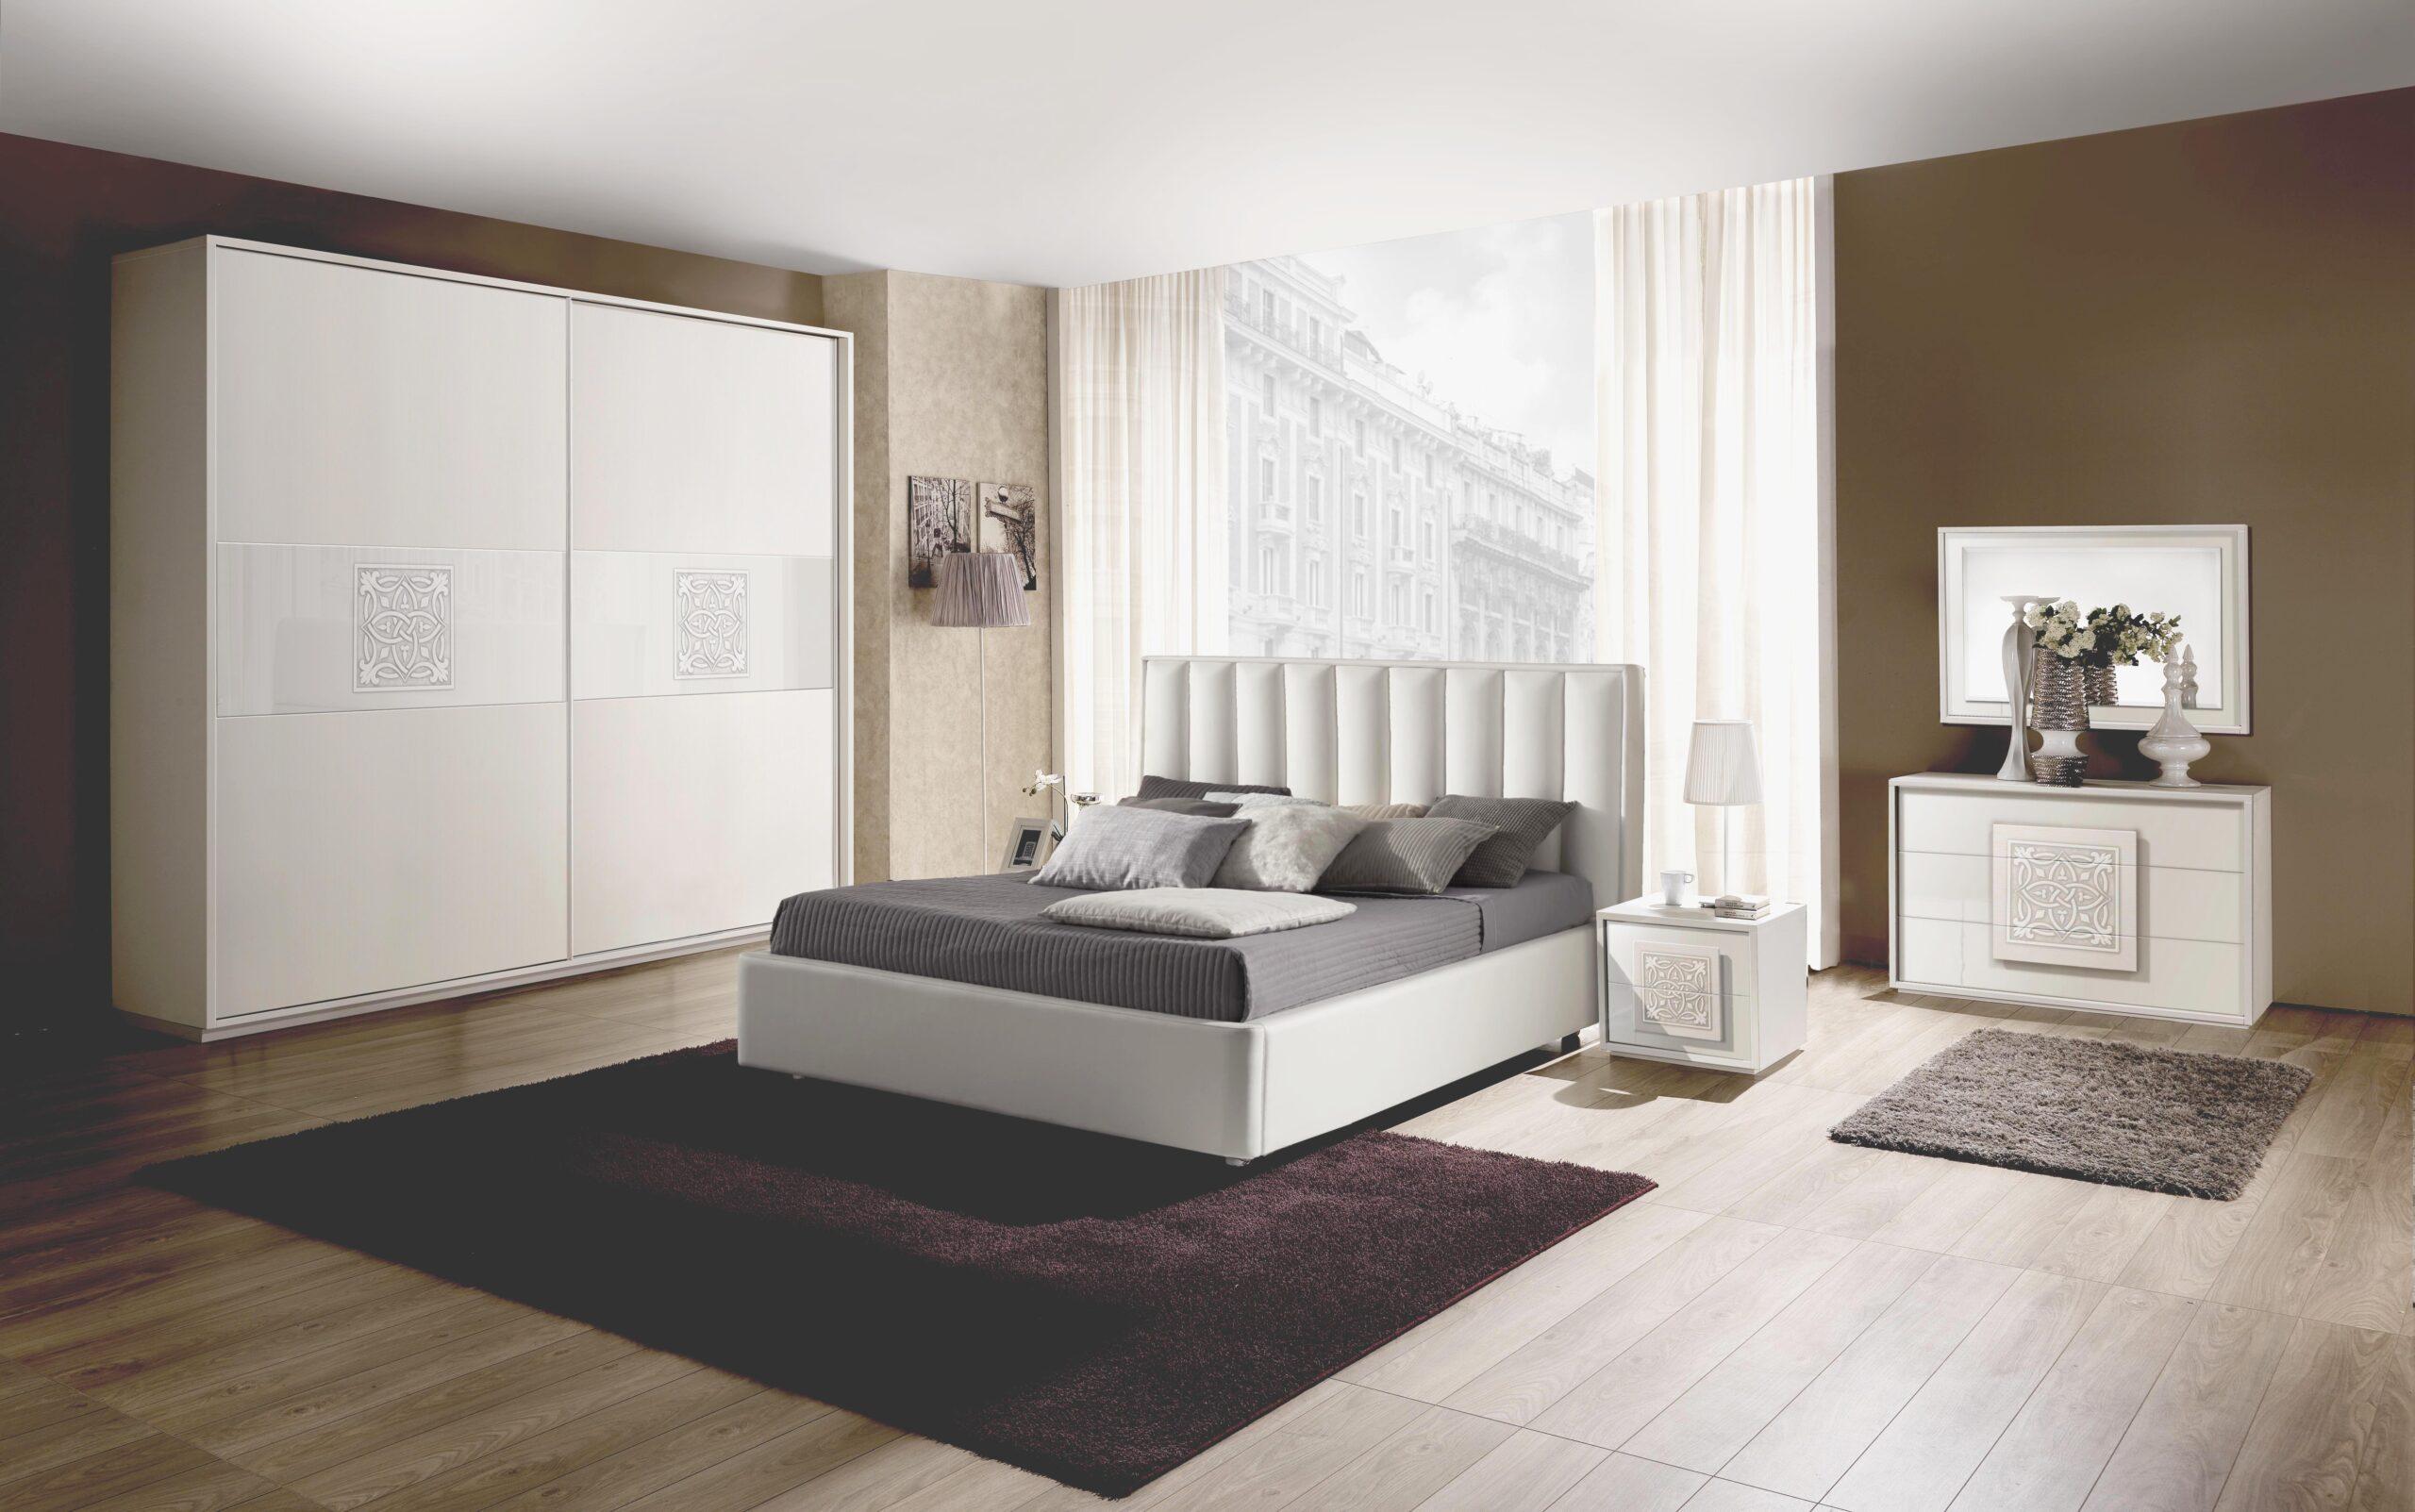 Full Size of Ausgefallene Schlafzimmer Set Dama In Wei Modern Design 160x200 Cm Mit Wandtattoo Komplett Günstig Led Deckenleuchte Schimmel Im Deckenlampe Sitzbank Wohnzimmer Ausgefallene Schlafzimmer